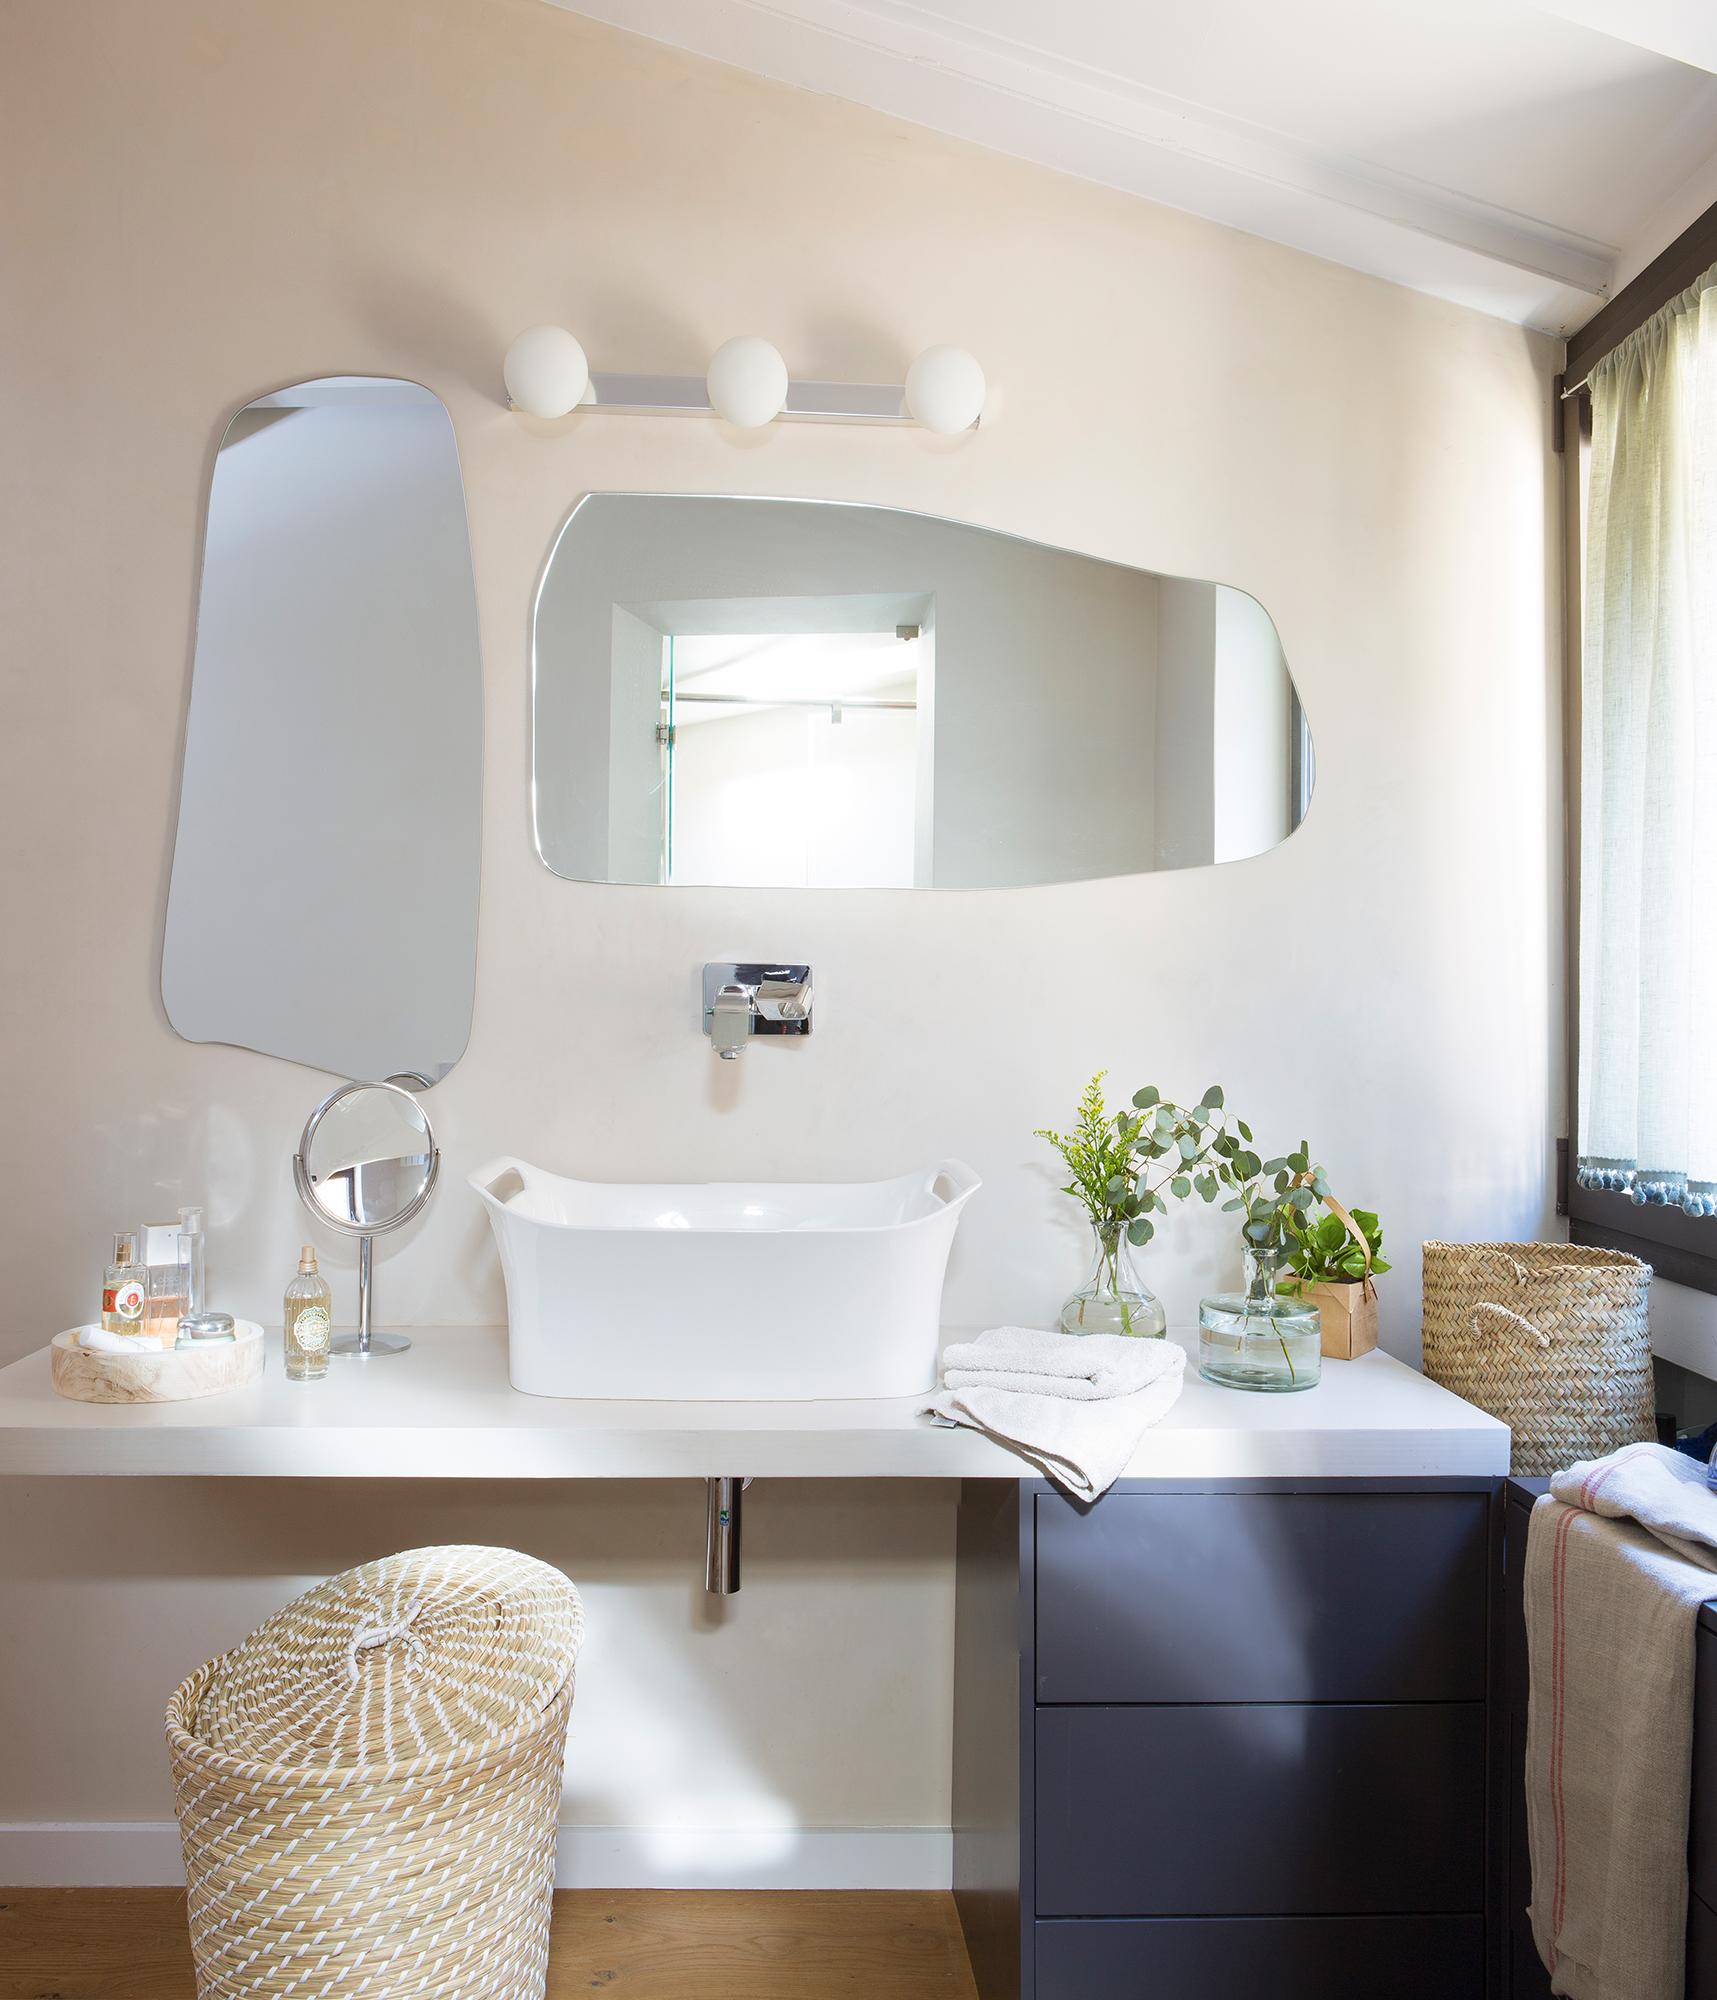 Muebles Ba O Decoraci N Accesorios Mamparas Y Azulejos Elmueble ~ Colgar Espejo Baño Sin Taladrar